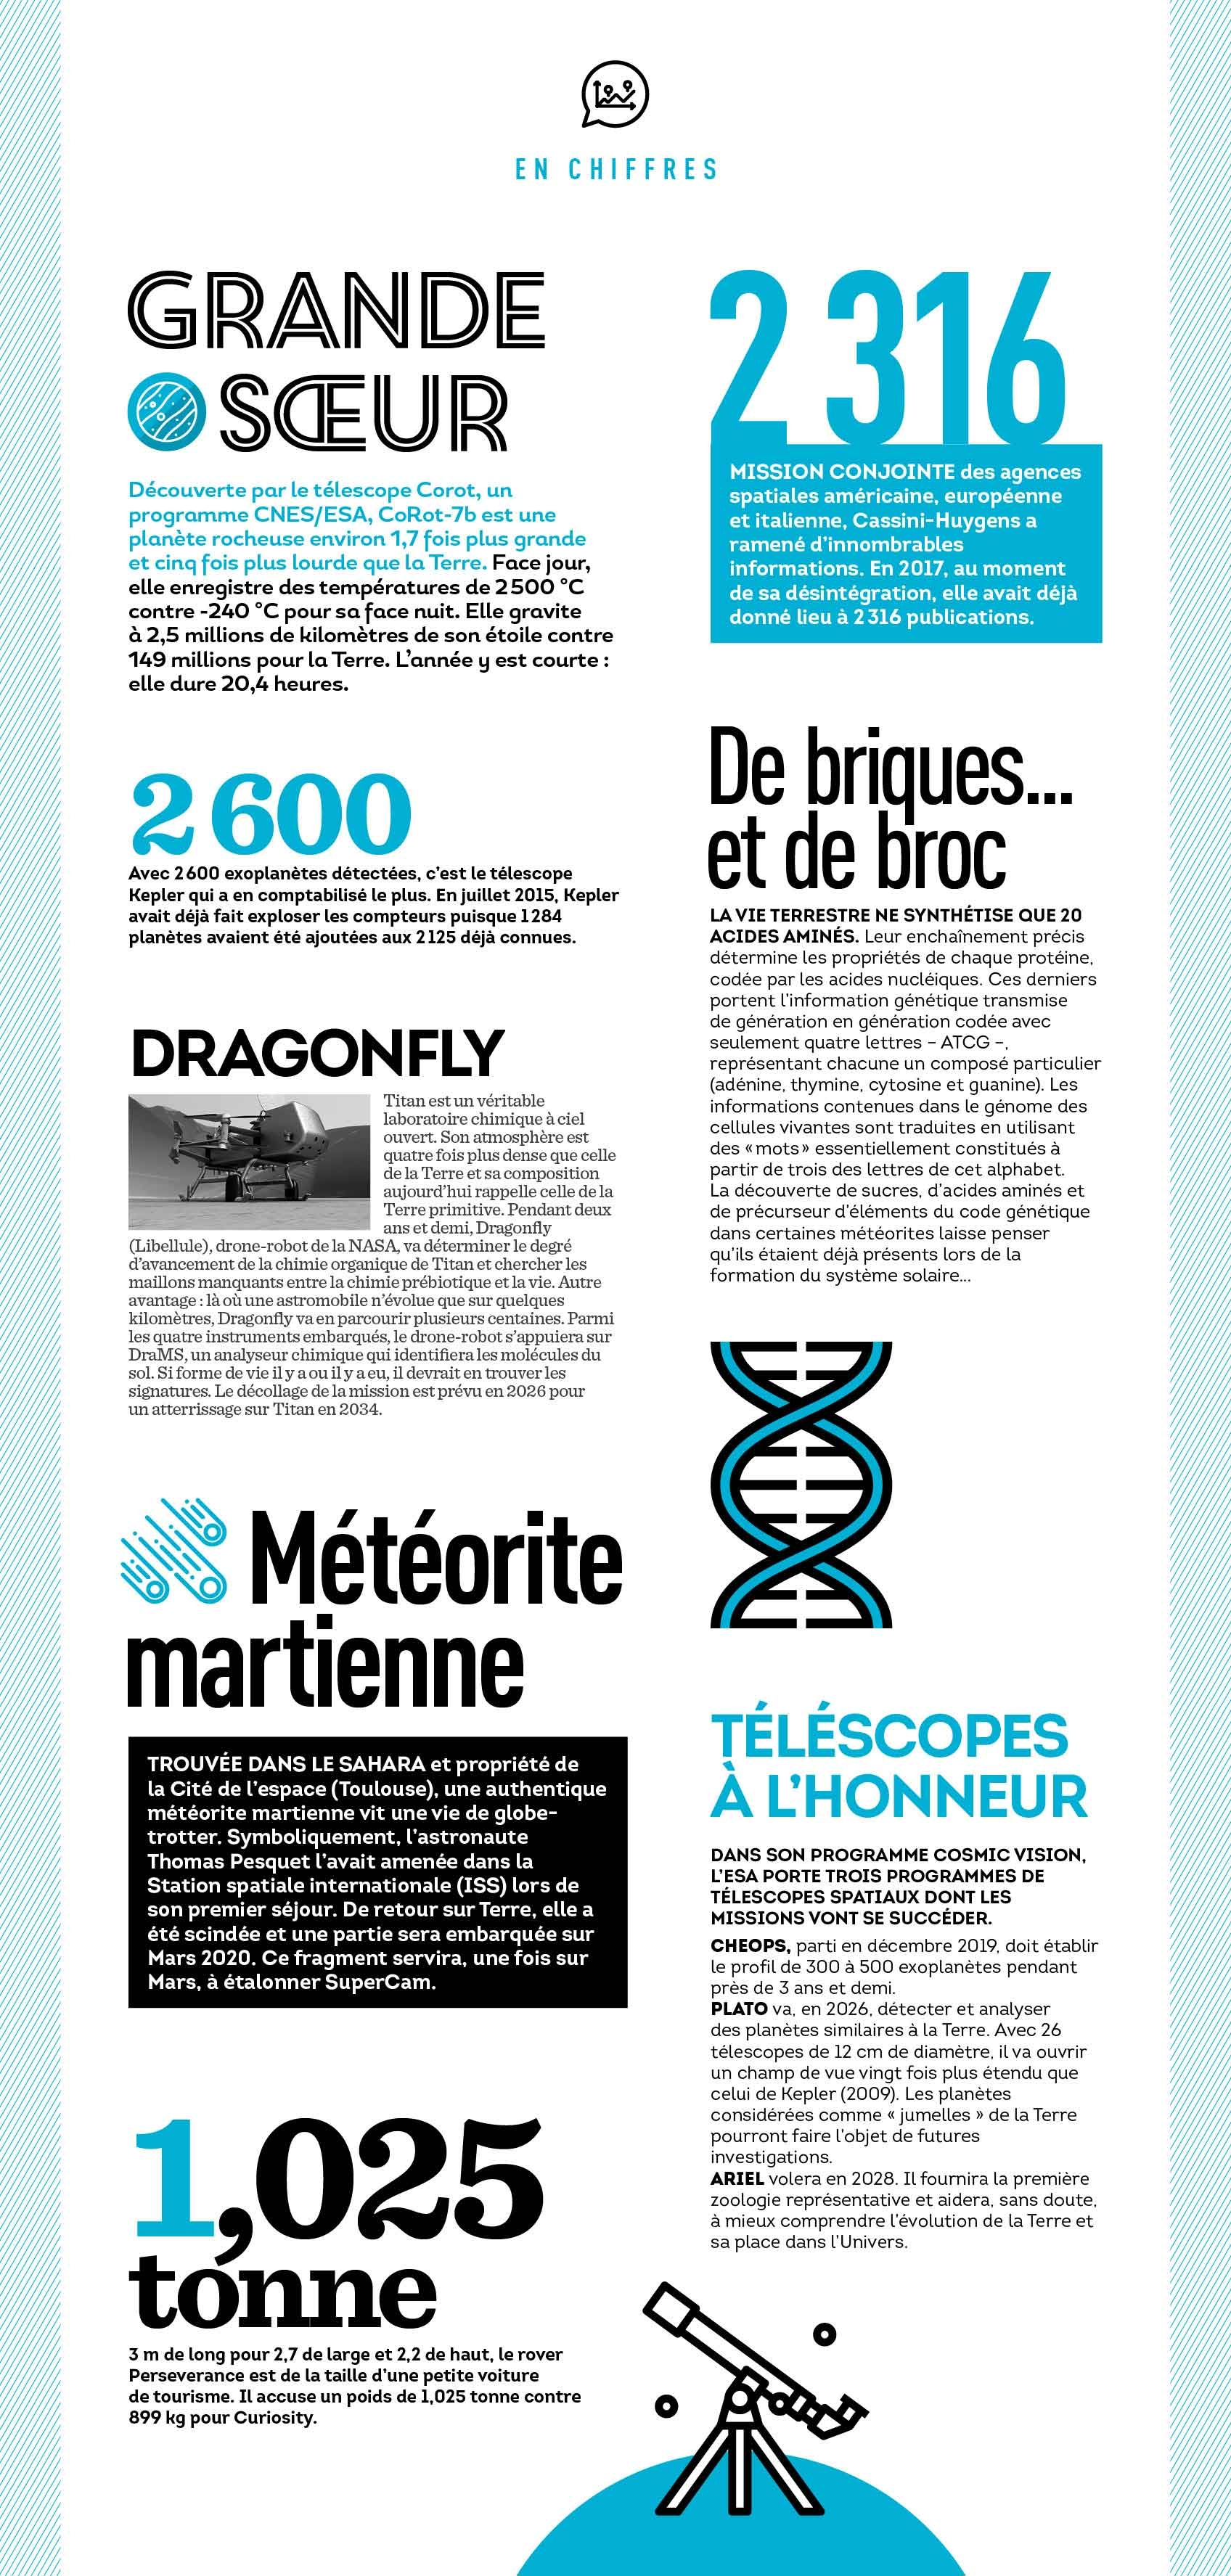 is_cnesmag_85_fr_chiffres_web.jpg